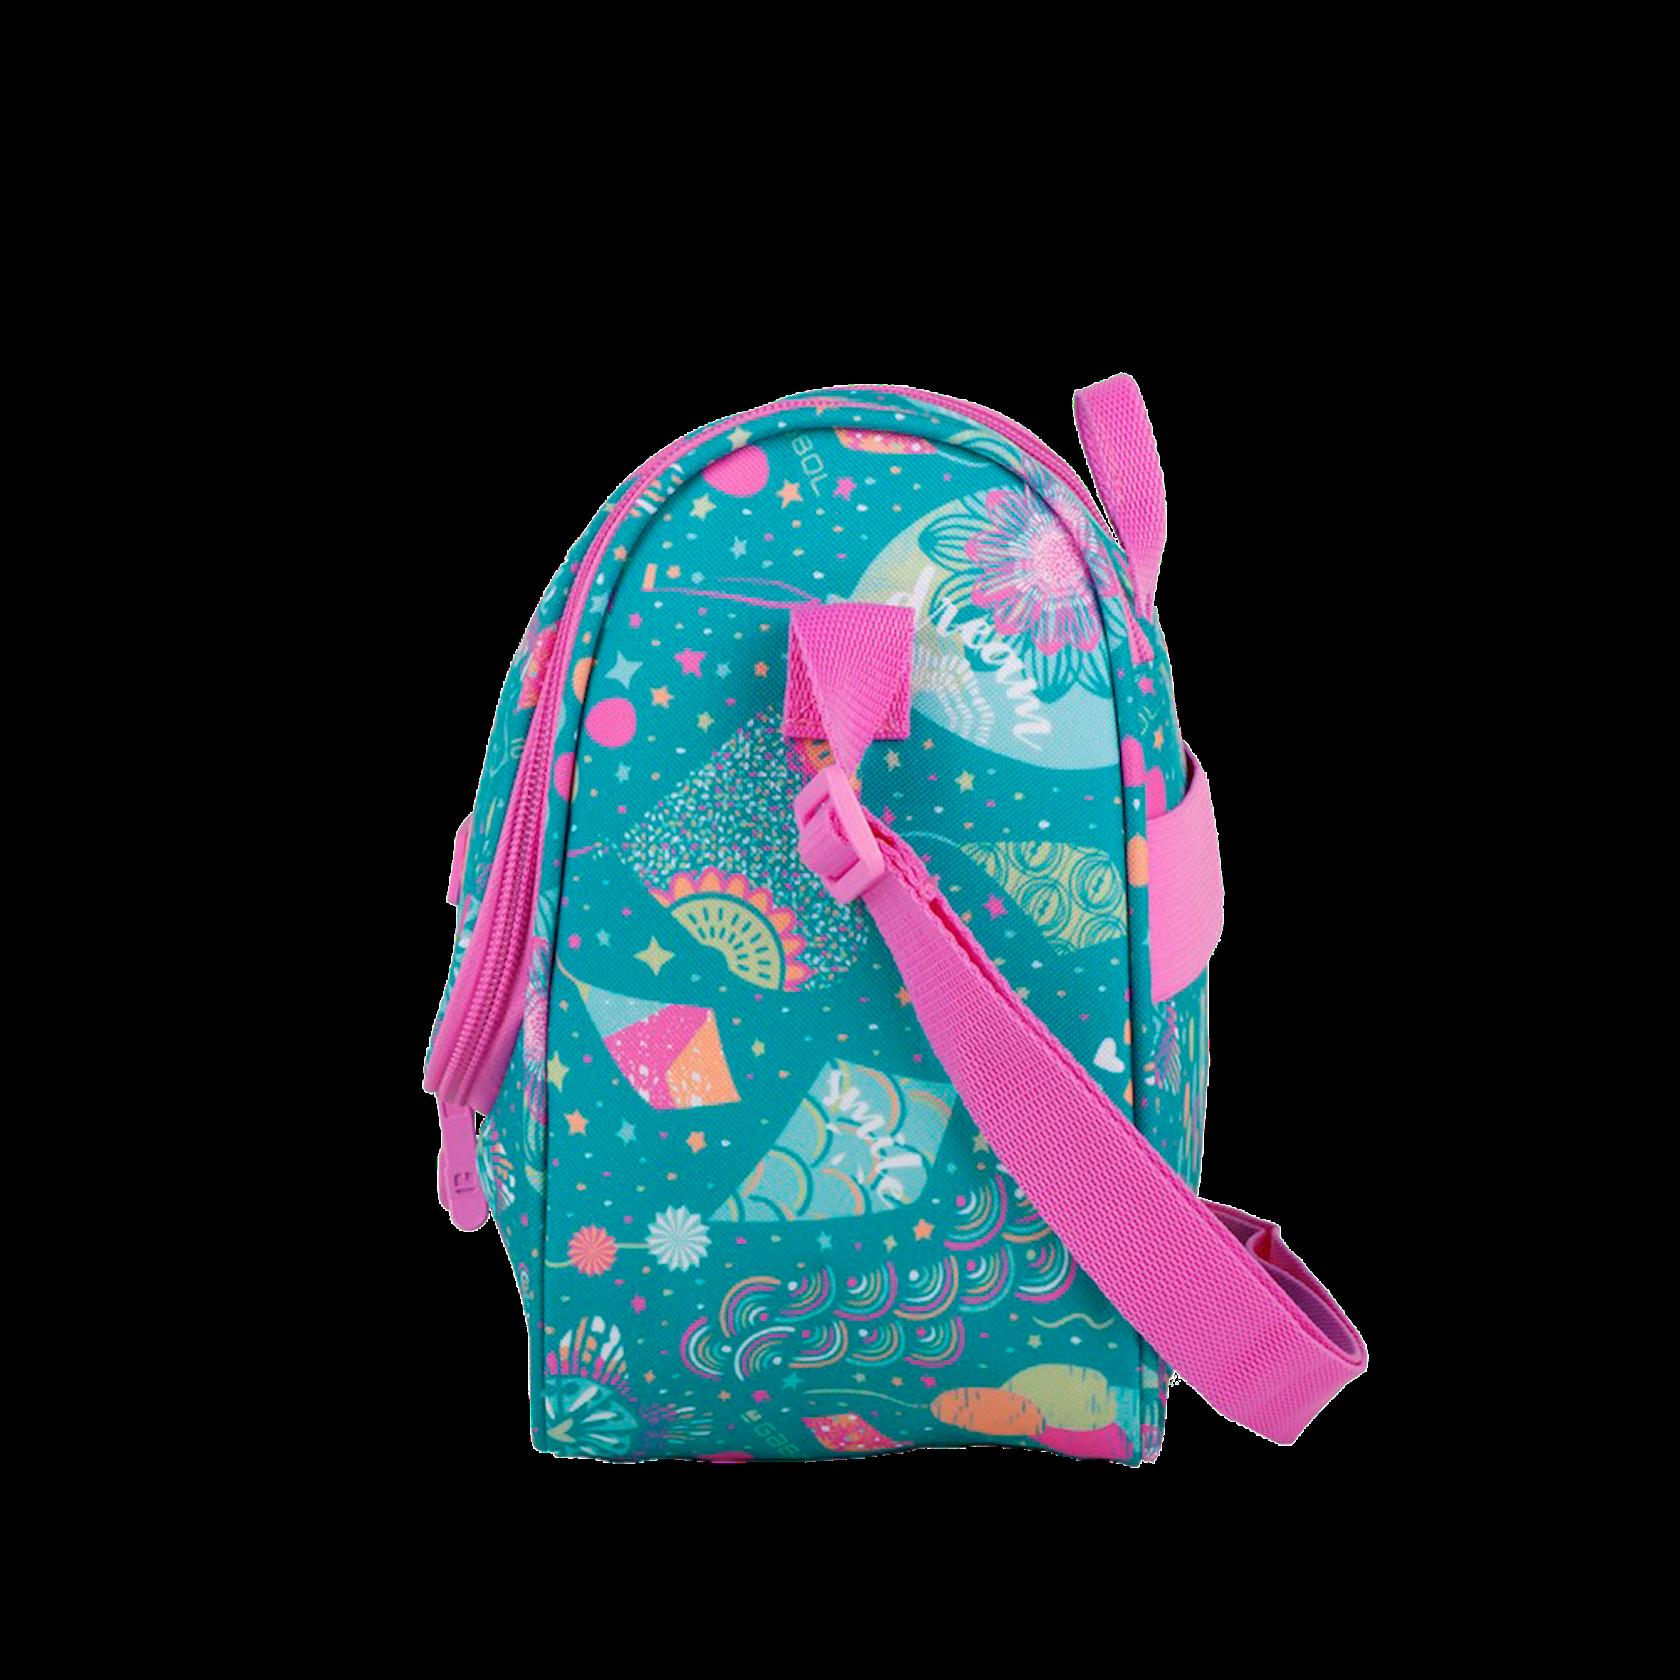 Məktəbli çantası Gabol, polyester, 25x21x13 sm, 6.83 l